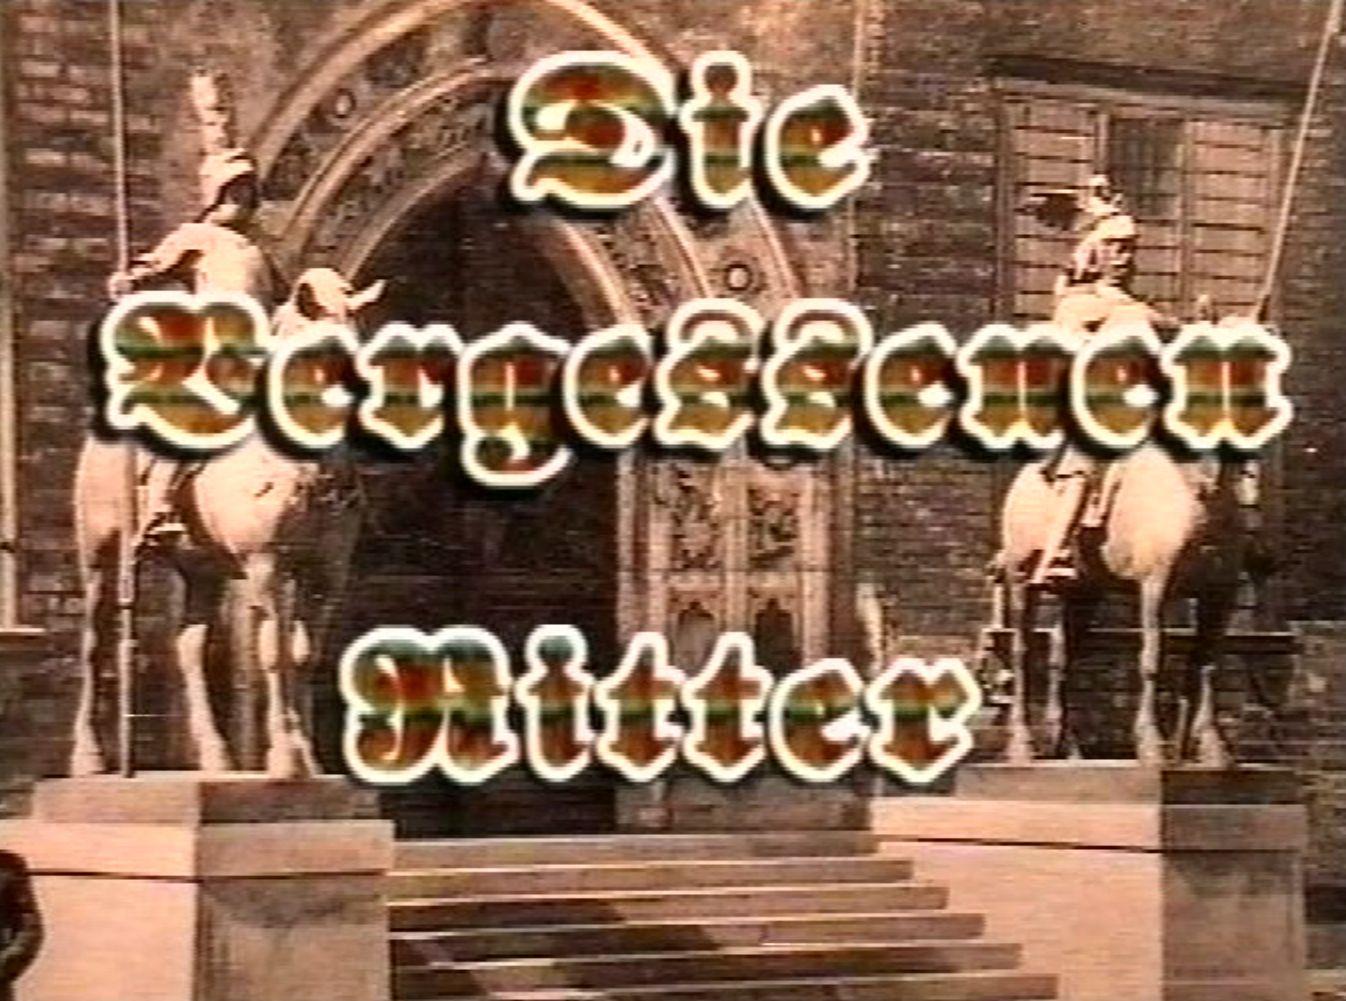 """Mit einem kurzen Animationsfilm lenkte John Rothwell die öffentliche Aufmerksamkeit auf die vernachlässigten Reiterstatuen im Osterholzer Eggestorf-Park. Der Titel: """"Die vergessenen Ritter"""". Quelle: Bremen History"""